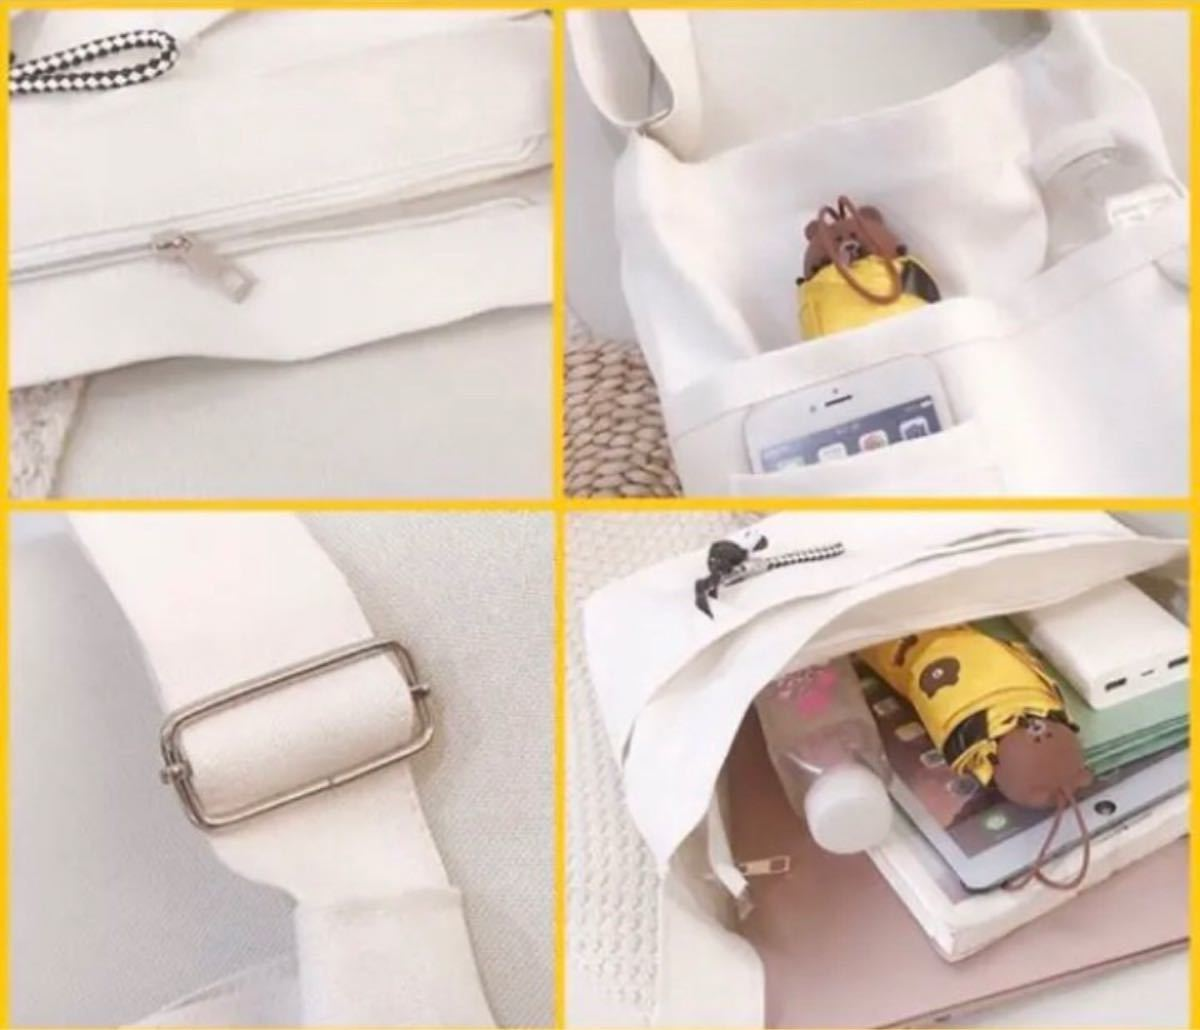 レディースバッグ ショルダーバッグ キャンバスバッグ ホワイト トートバッグ オフホワイト トートバッグ